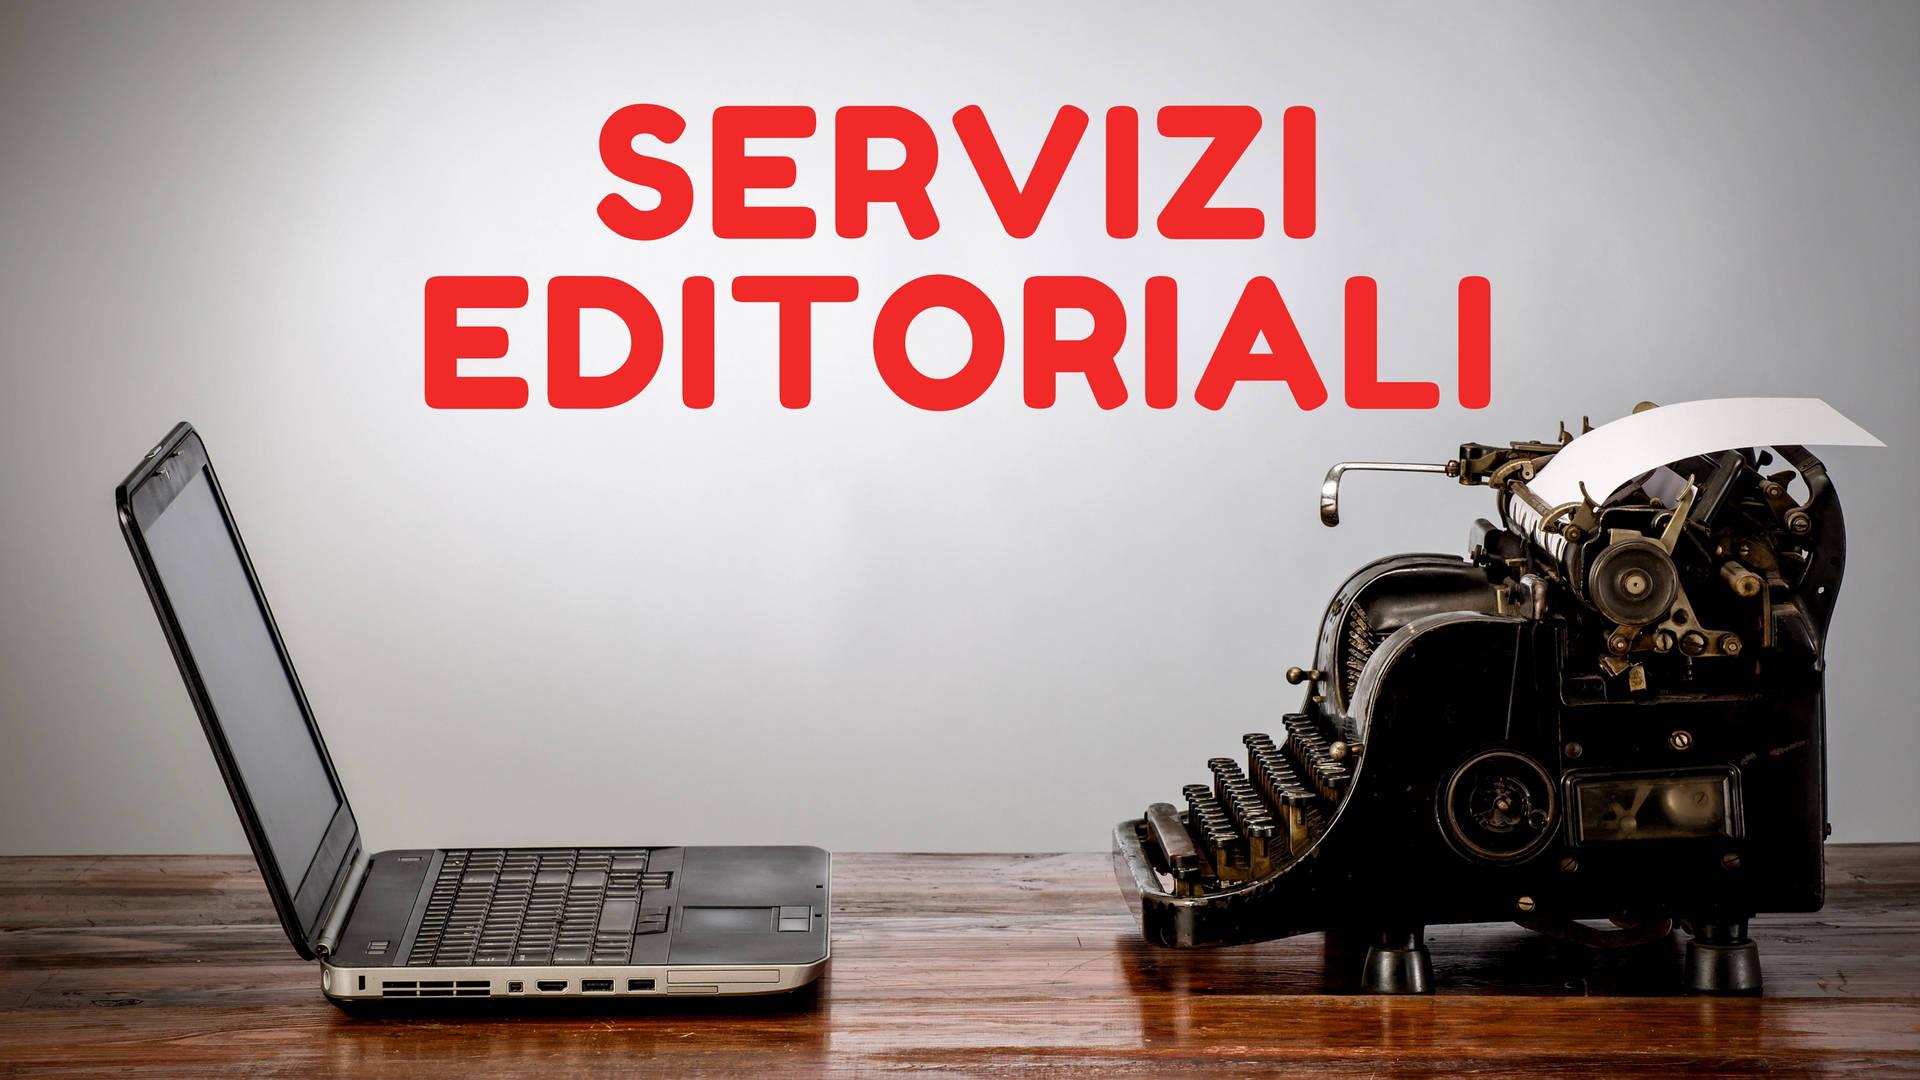 servizi editoriali